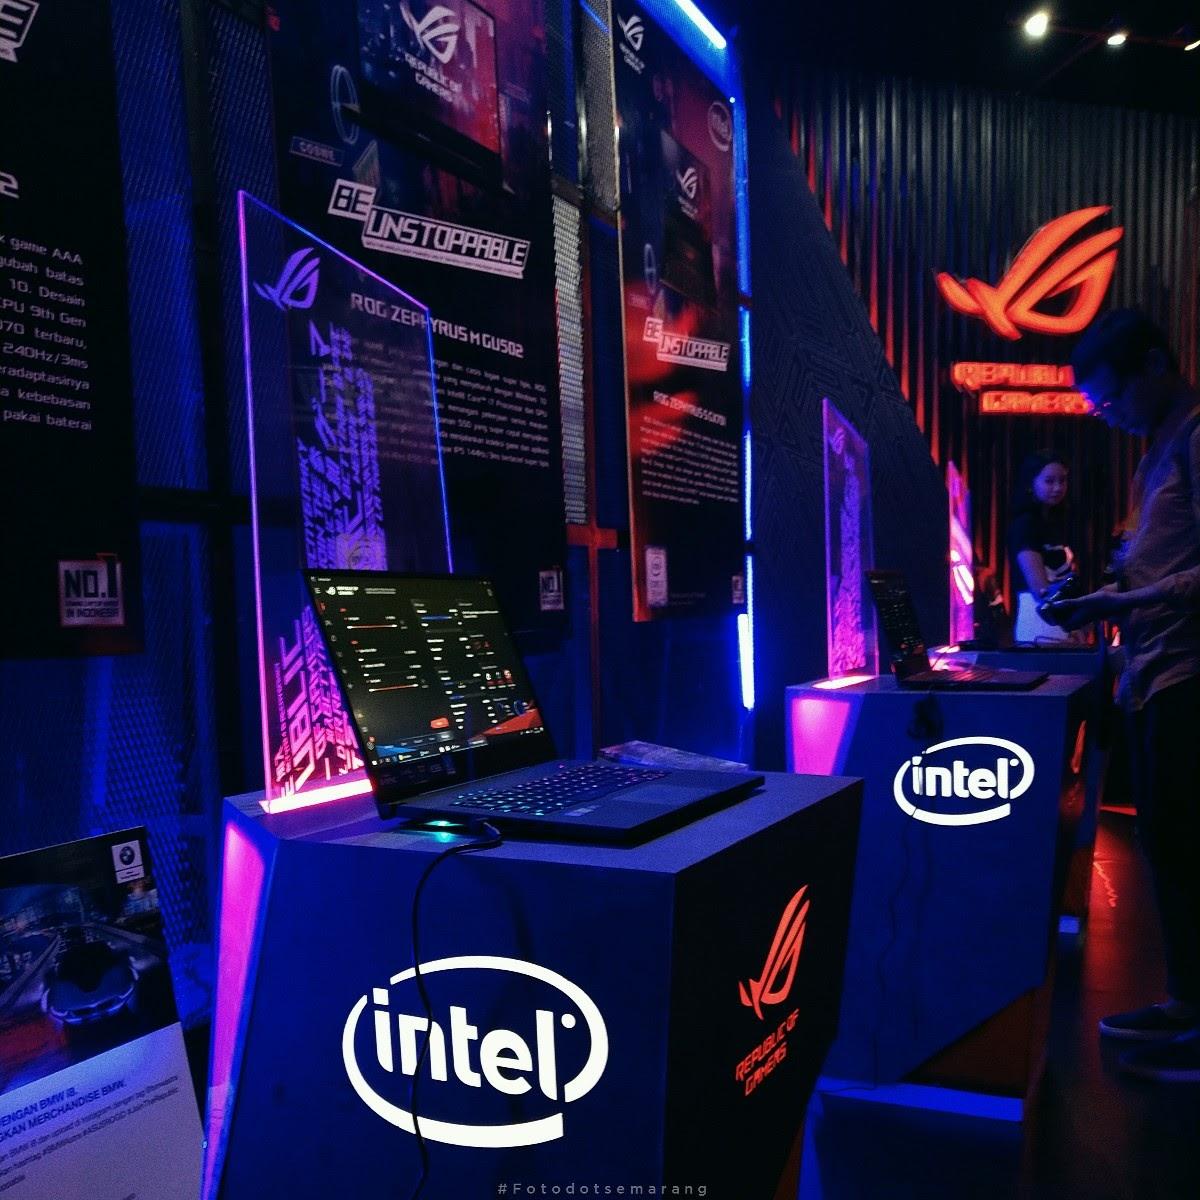 Ini Jajaran Laptop Gaming yang Dikenalkan Saat Acara Be Unstoppable, Mengusung Prosesor 9th Gen Intel Core